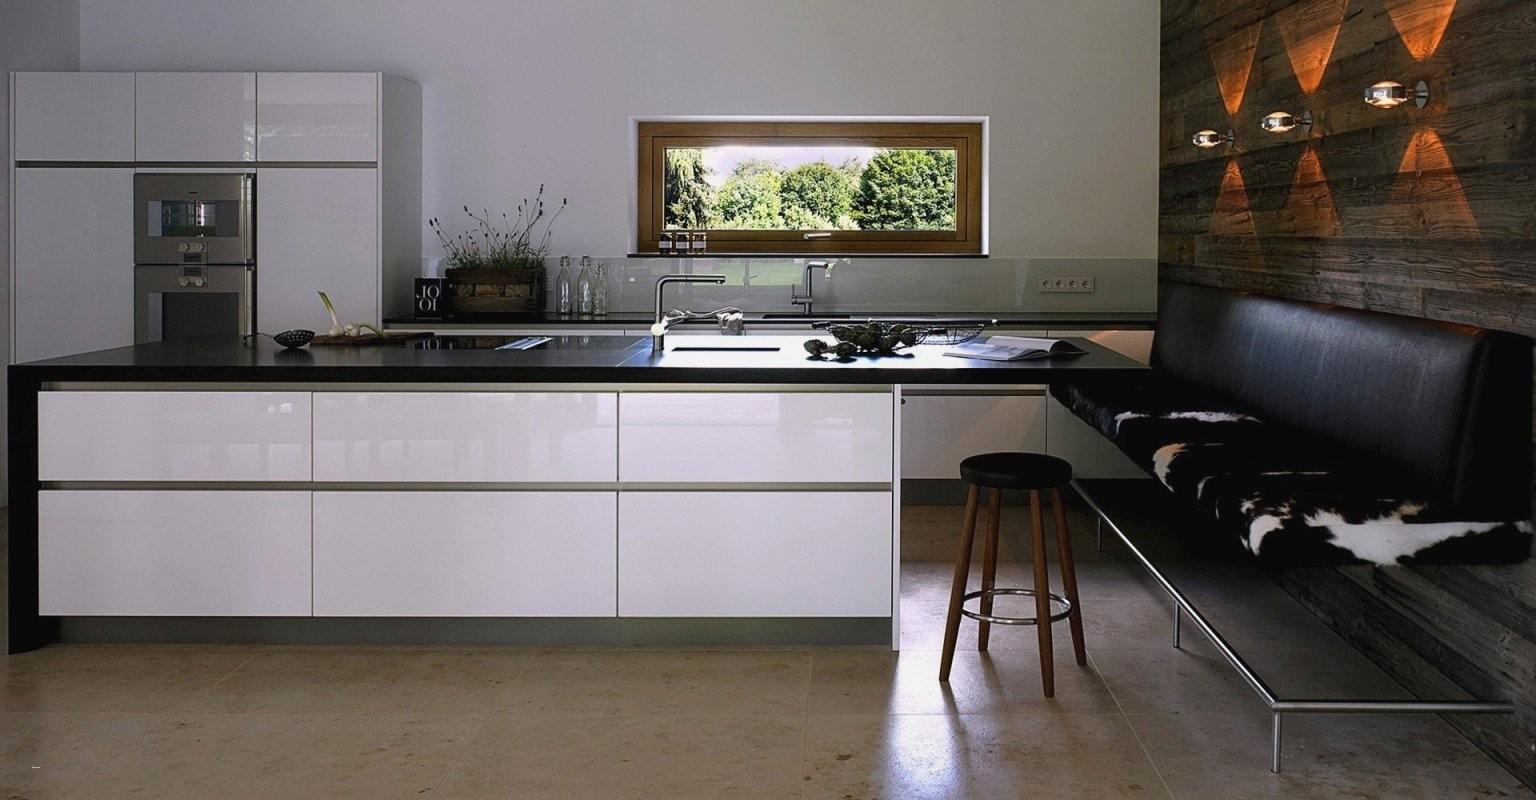 Wandtattoos Küche Esszimmer Angenehmen Grundriss Küche Mit Kochinsel von Luxus Küche Mit Kochinsel Photo